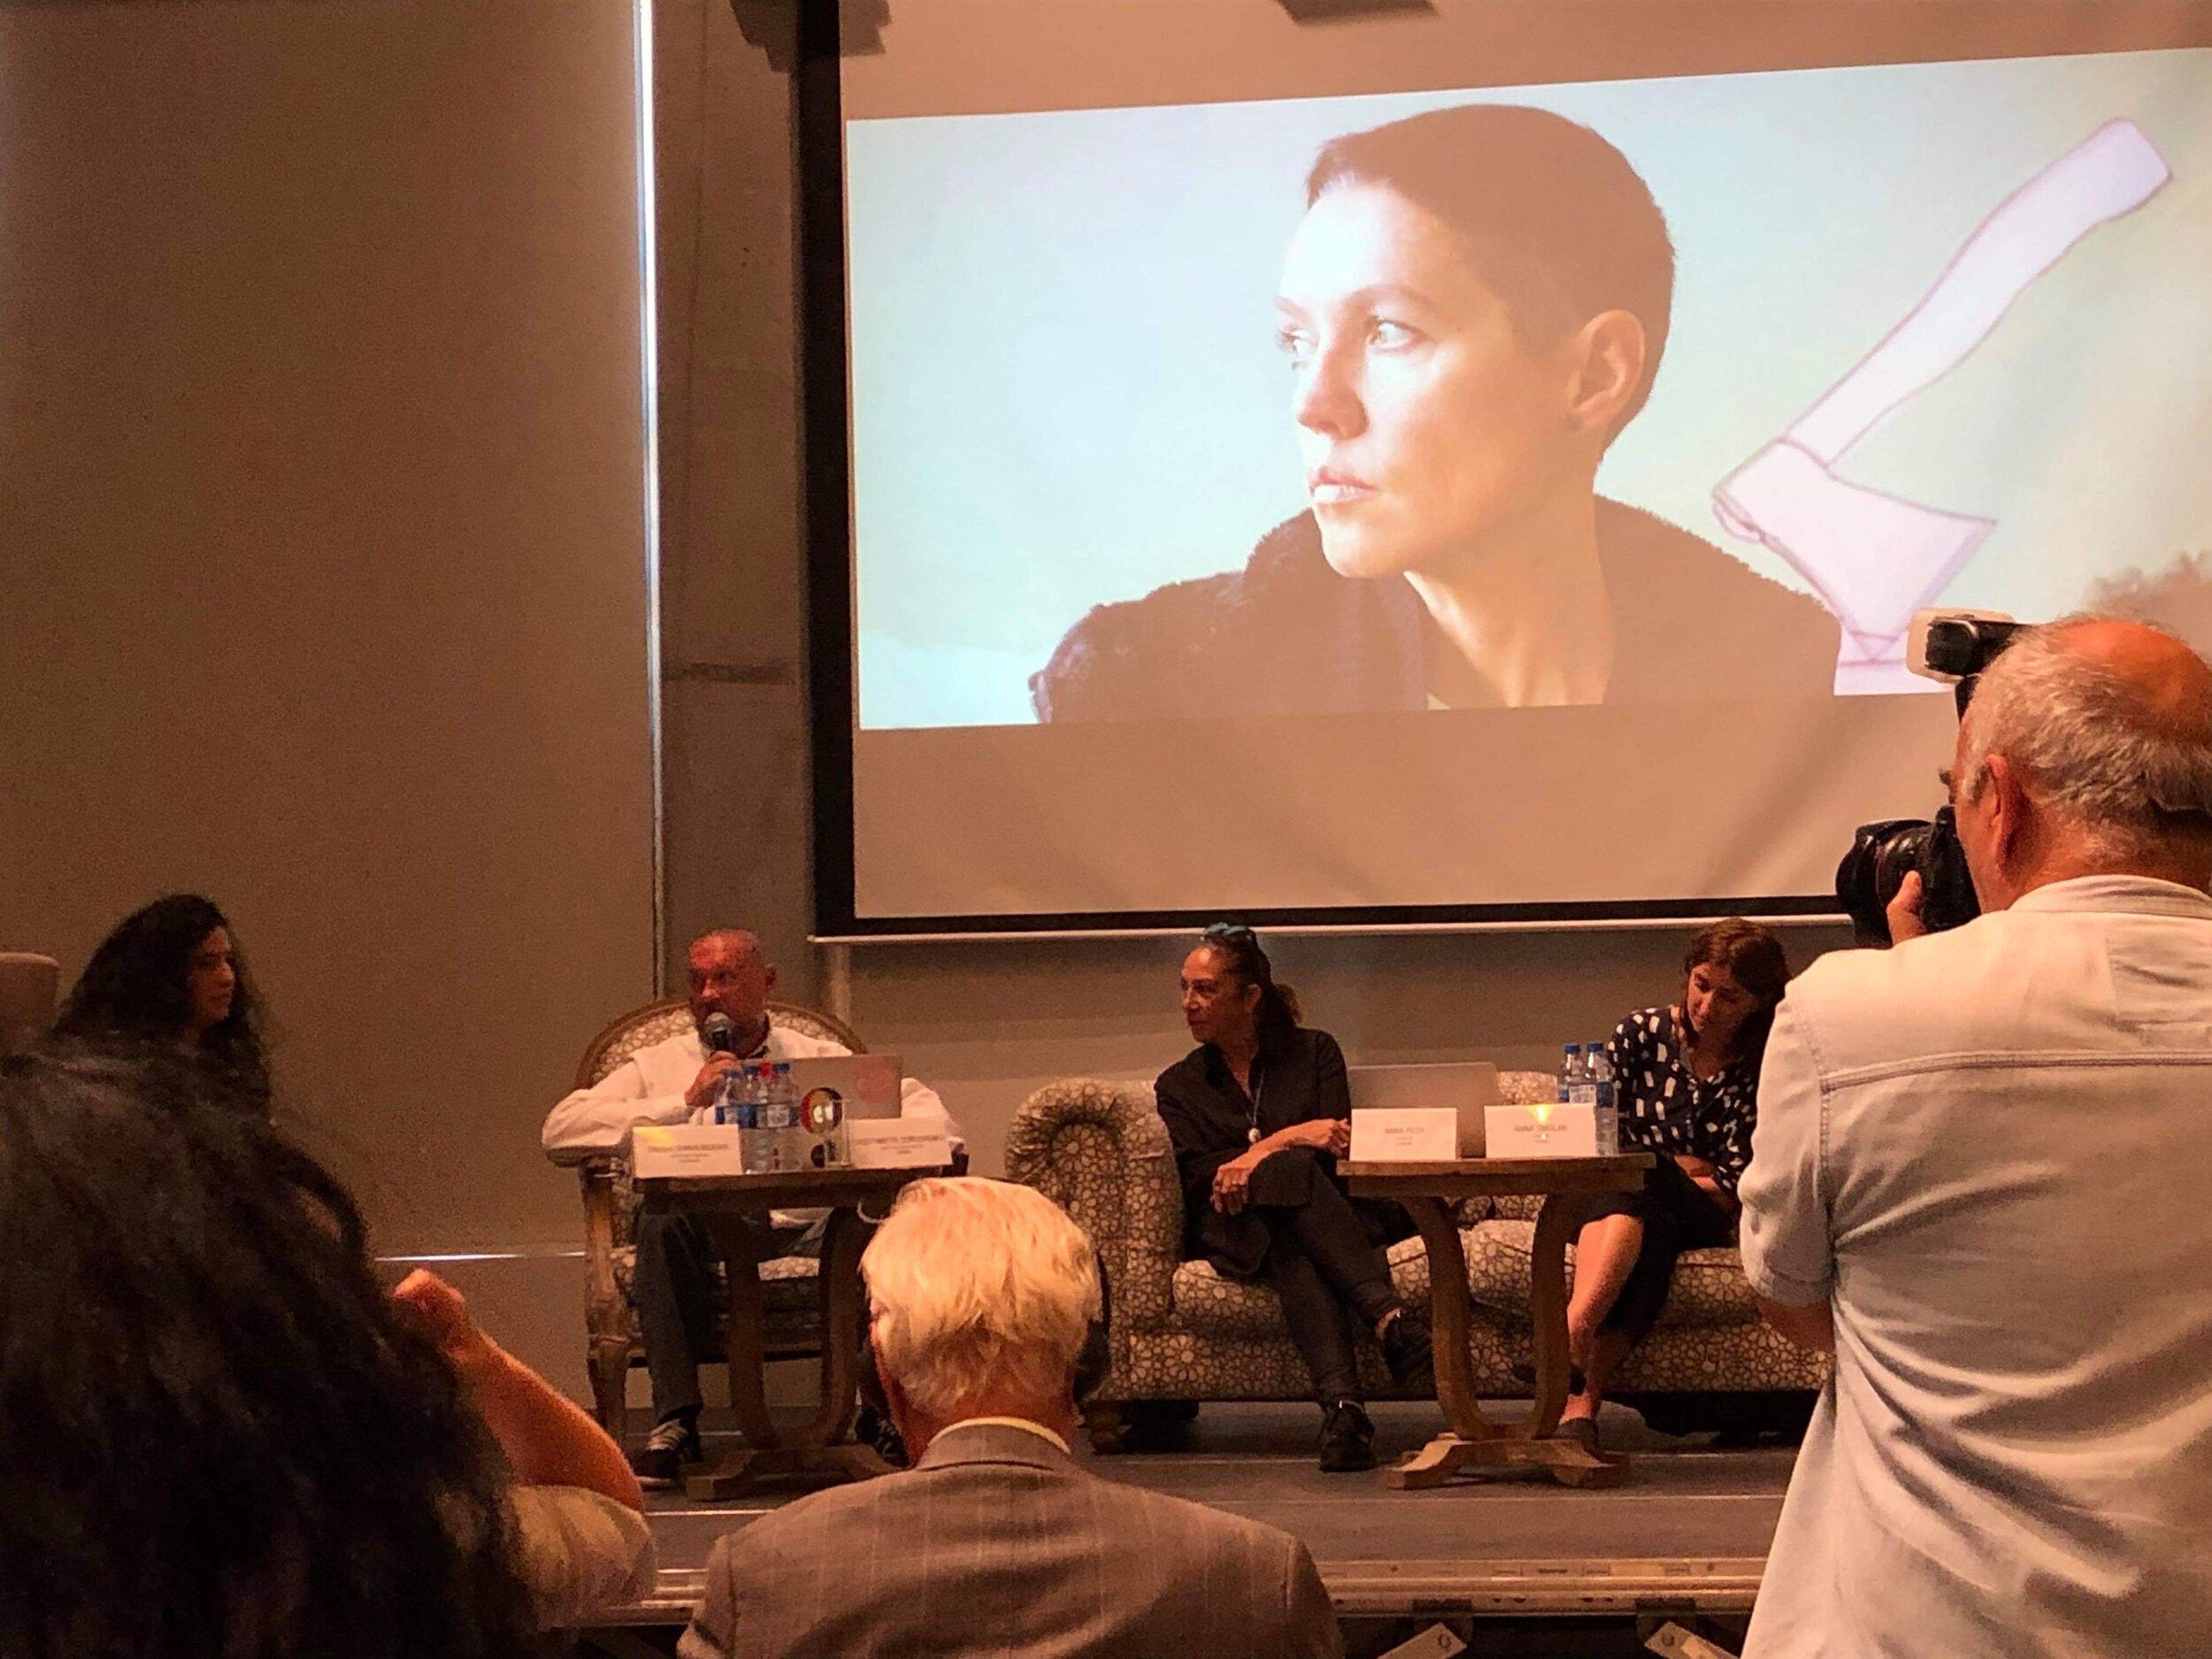 Конференции в центре современного искусства YARAT. Фото предоставлено пресс-службой фестиваля «Maiden Tower. To be a woman»